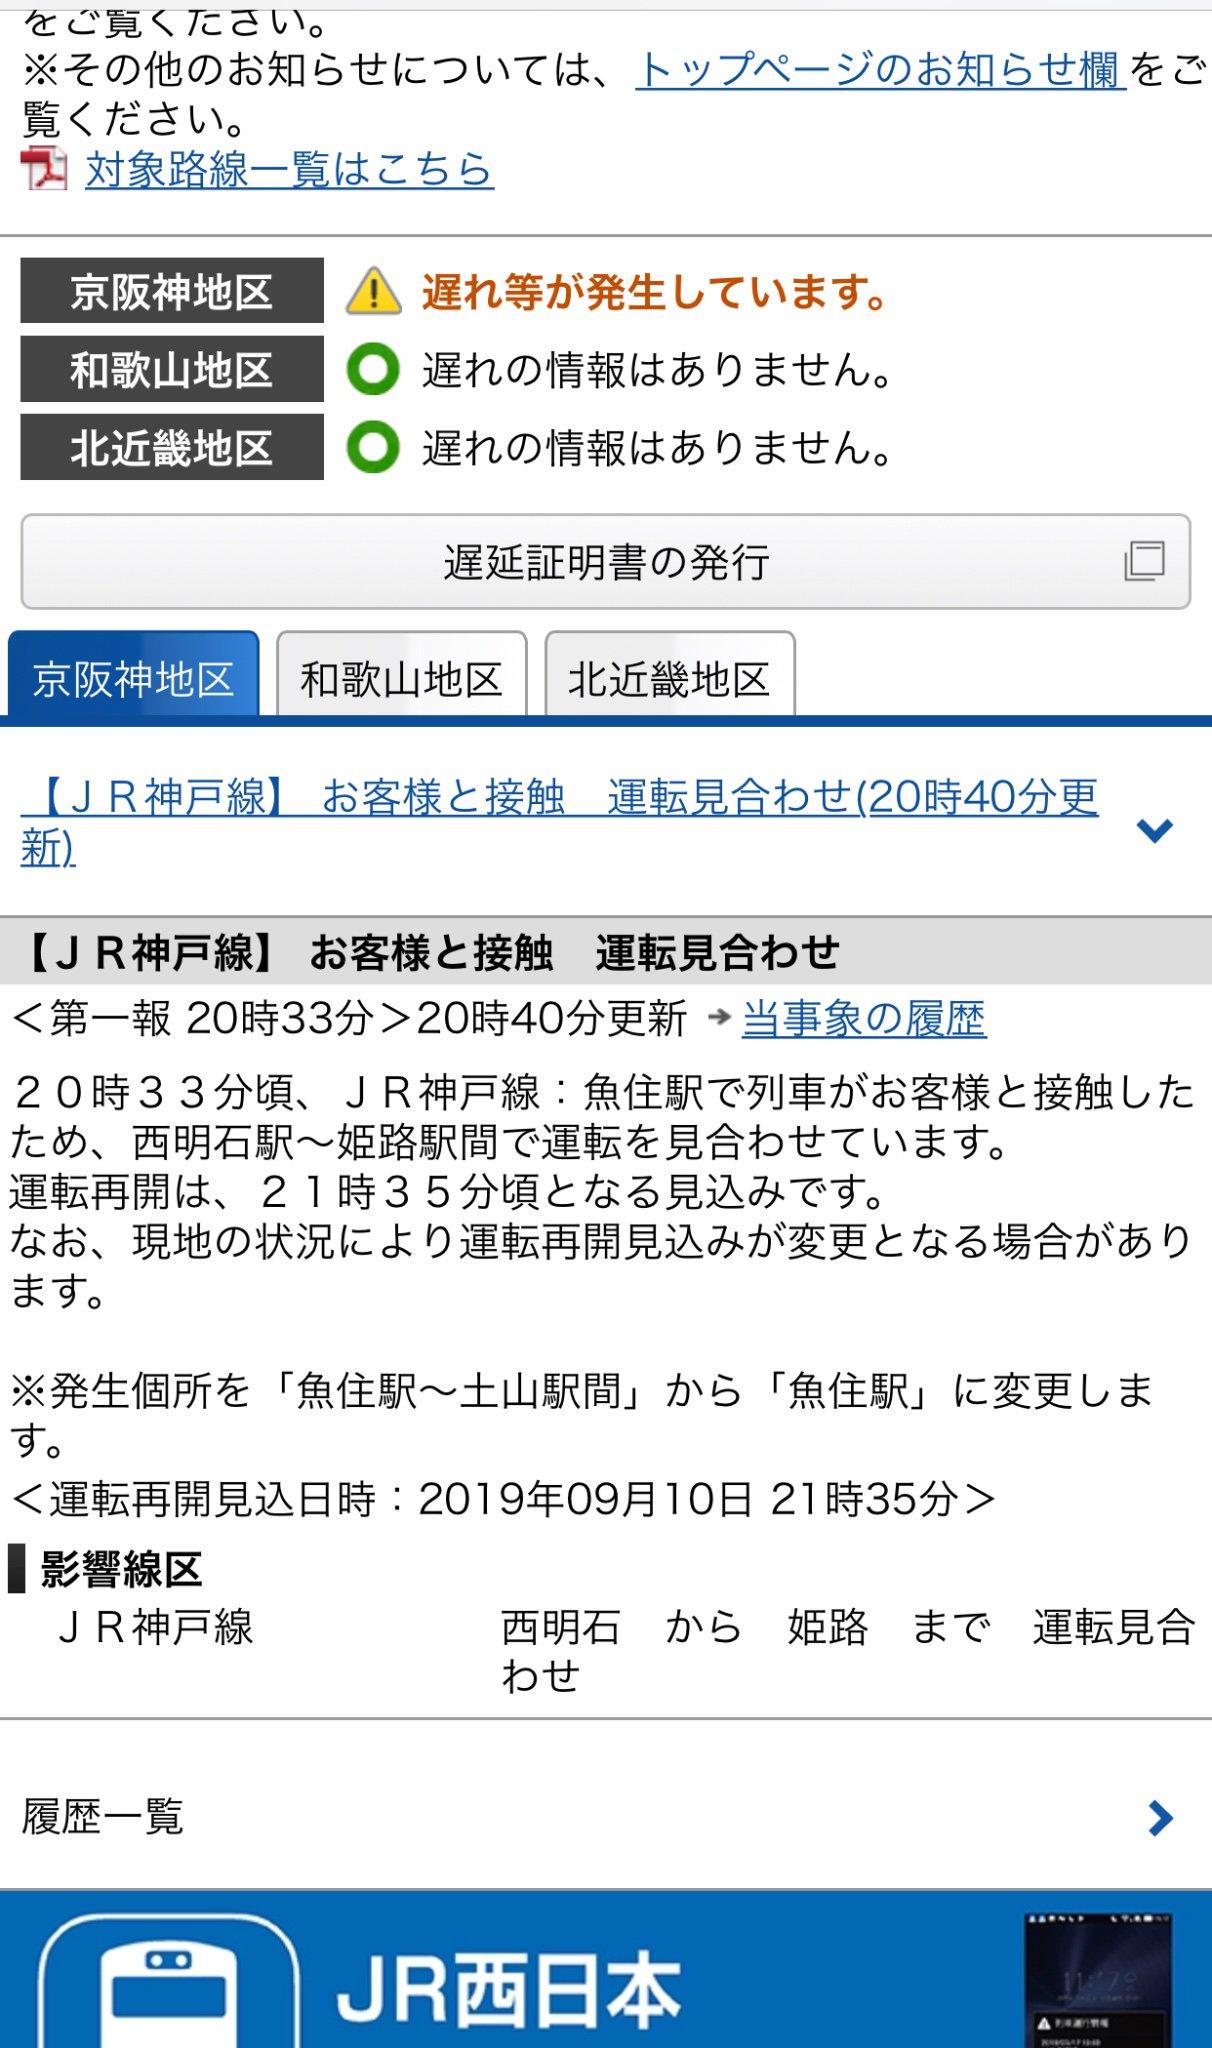 画像,JR神戸線 魚住駅にて人身事故発生の影響で、通常はない、神戸線からの新快速 大阪行きが登場。 https://t.co/Ql0Rhqzr0F…